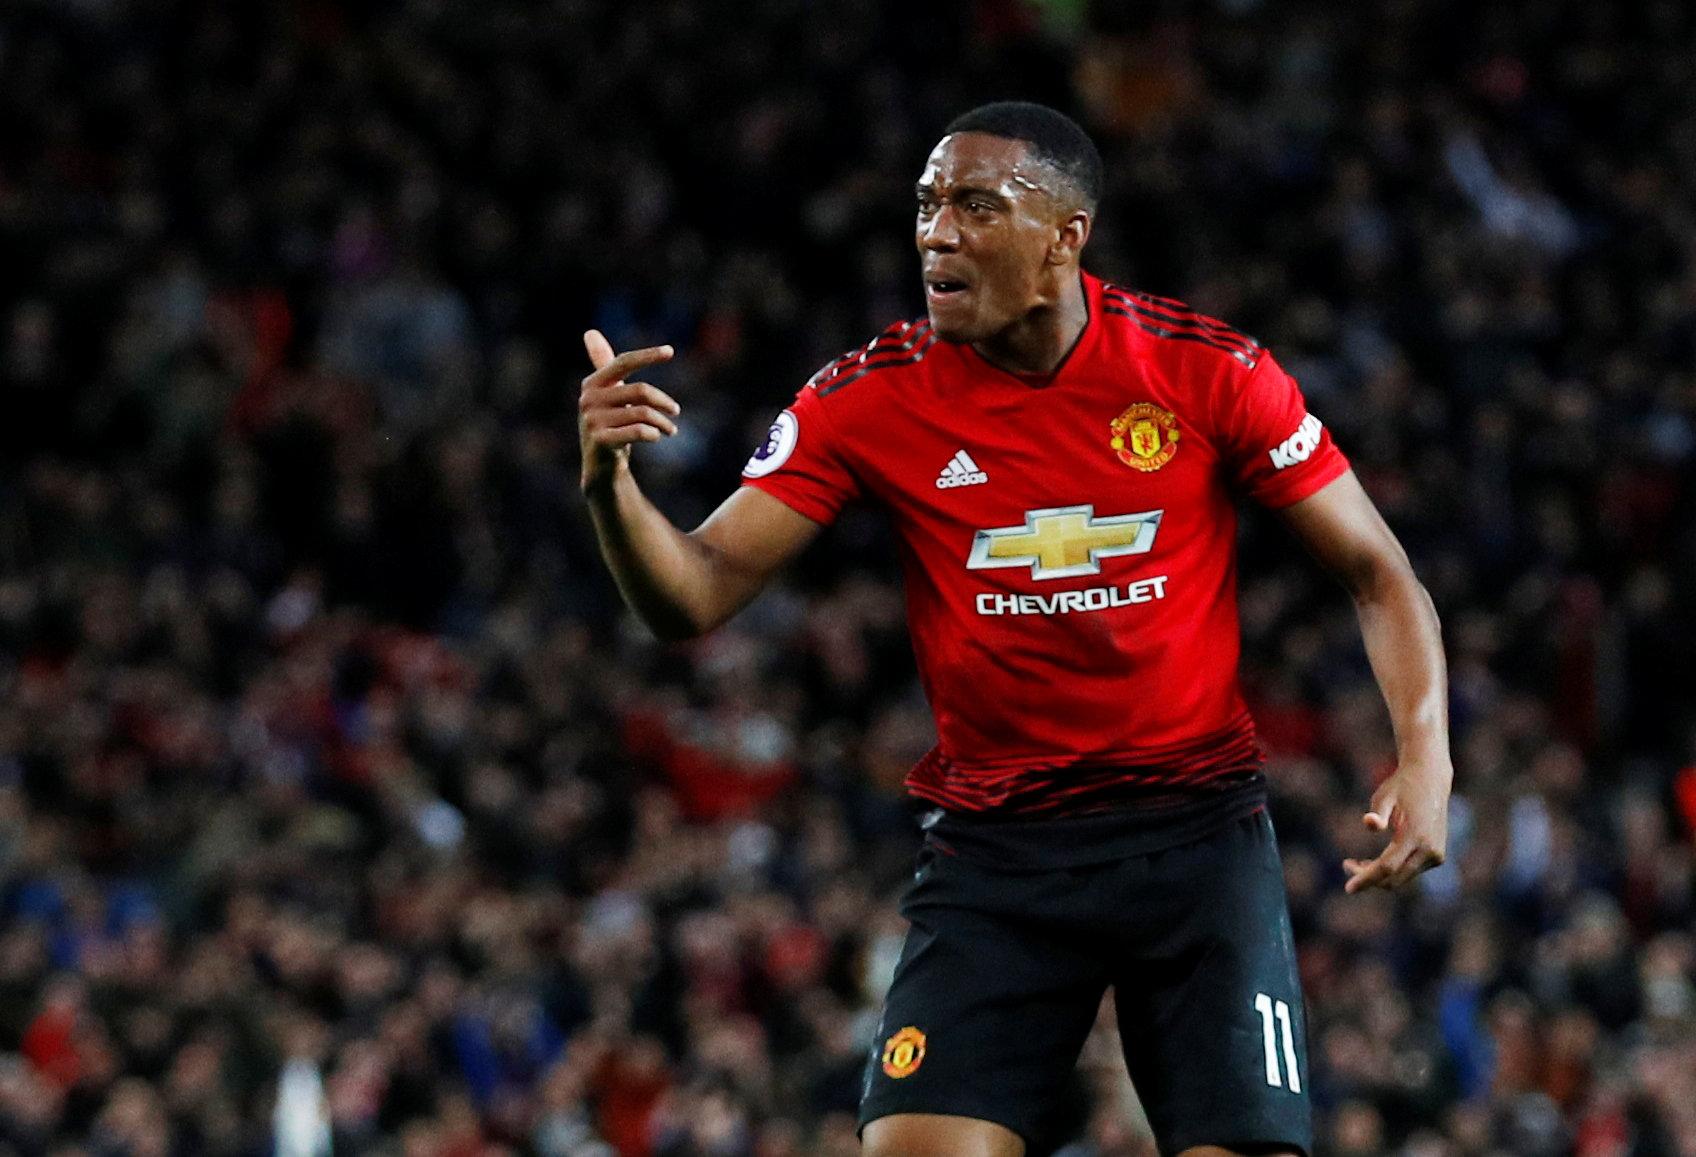 Football - Transferts - Pourquoi le dernier but de Martial avec Manchester a rapporté 10 M€ à Monaco